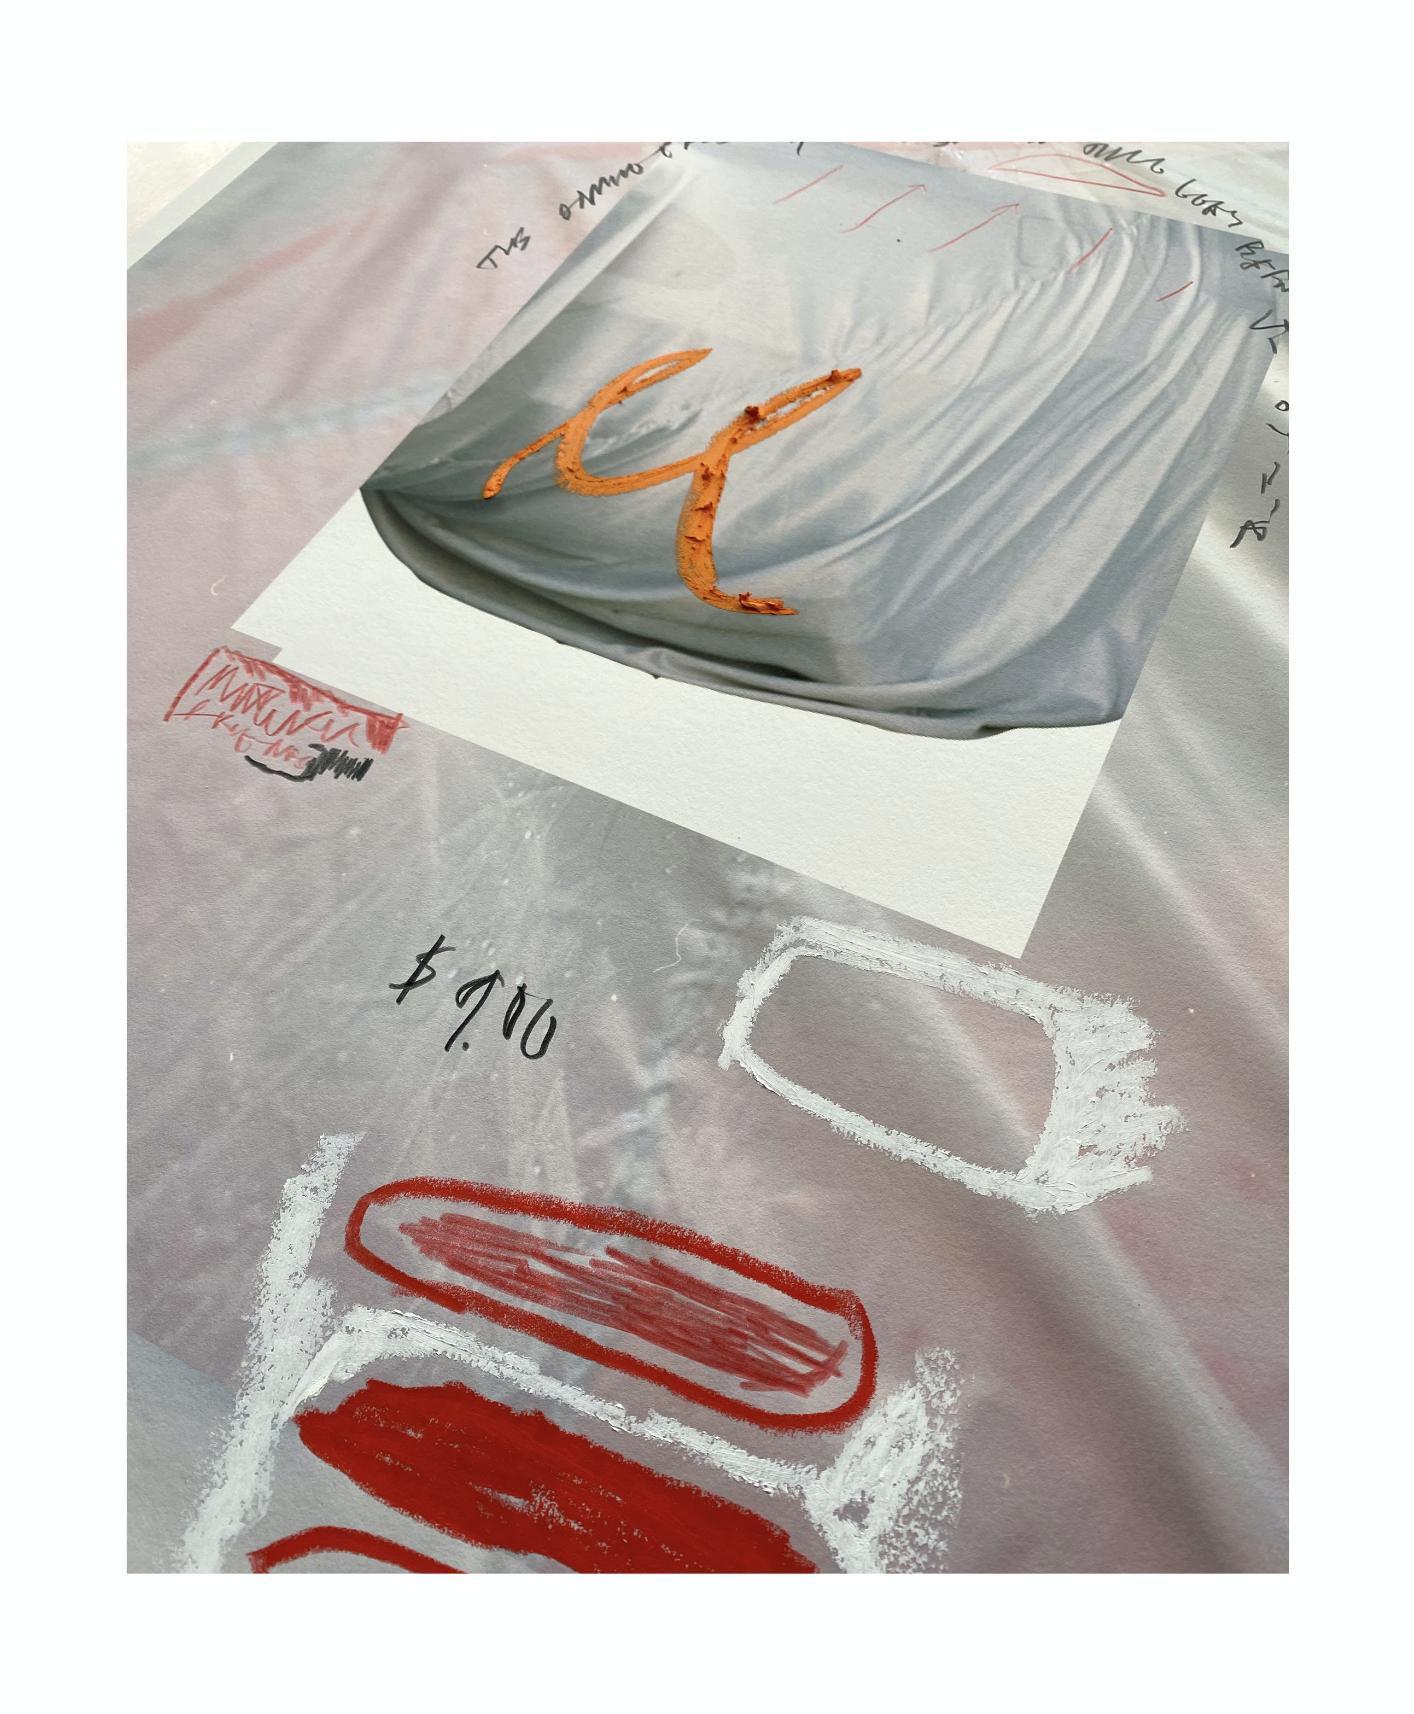 JOE DOWLING & KEN GRIFFEN, 2020 Archival pigment print, oil pastel, pencil 93 x 62cm including aluminium frame